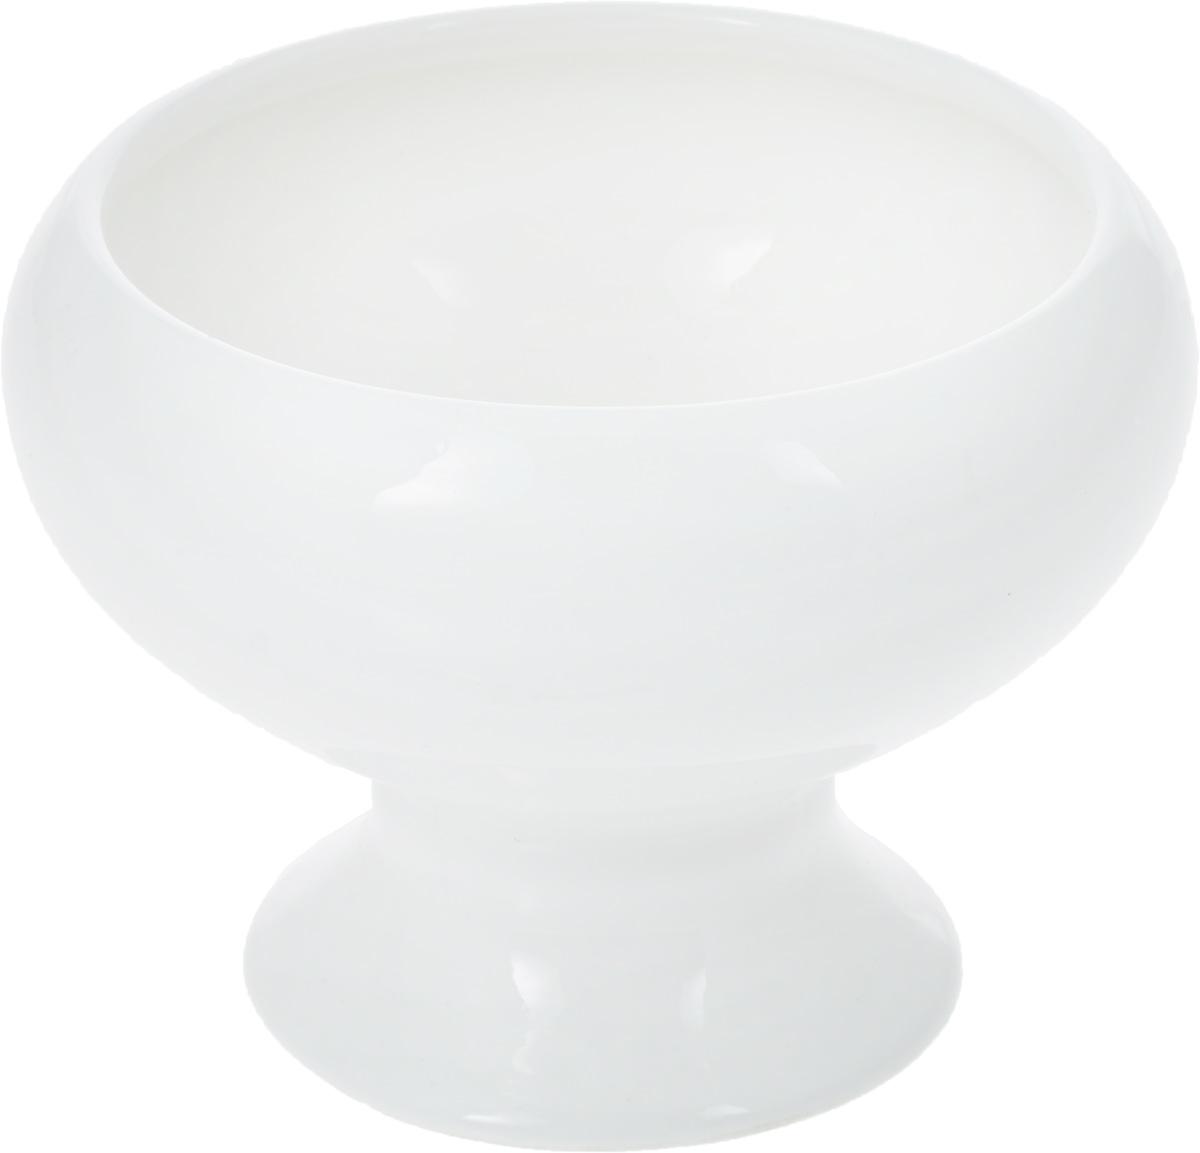 Креманка WilmaxWL-995006 / AКреманка Wilmax изготовлена из высококачественного фарфора, покрытого глазурью. Изделие предназначено для подачи мороженого и различных десертов, также может использоваться для хранения варенья, меда, джемов. Такая креманка пригодится в любом хозяйстве, она подойдет как для праздничного стола, так и для повседневного использования. Изделие функциональное, практичное и легкое в уходе. Диаметр креманки (по верхнему краю): 9 см. Внешний диаметр креманки: 11 см. Высота креманки: 8 см.